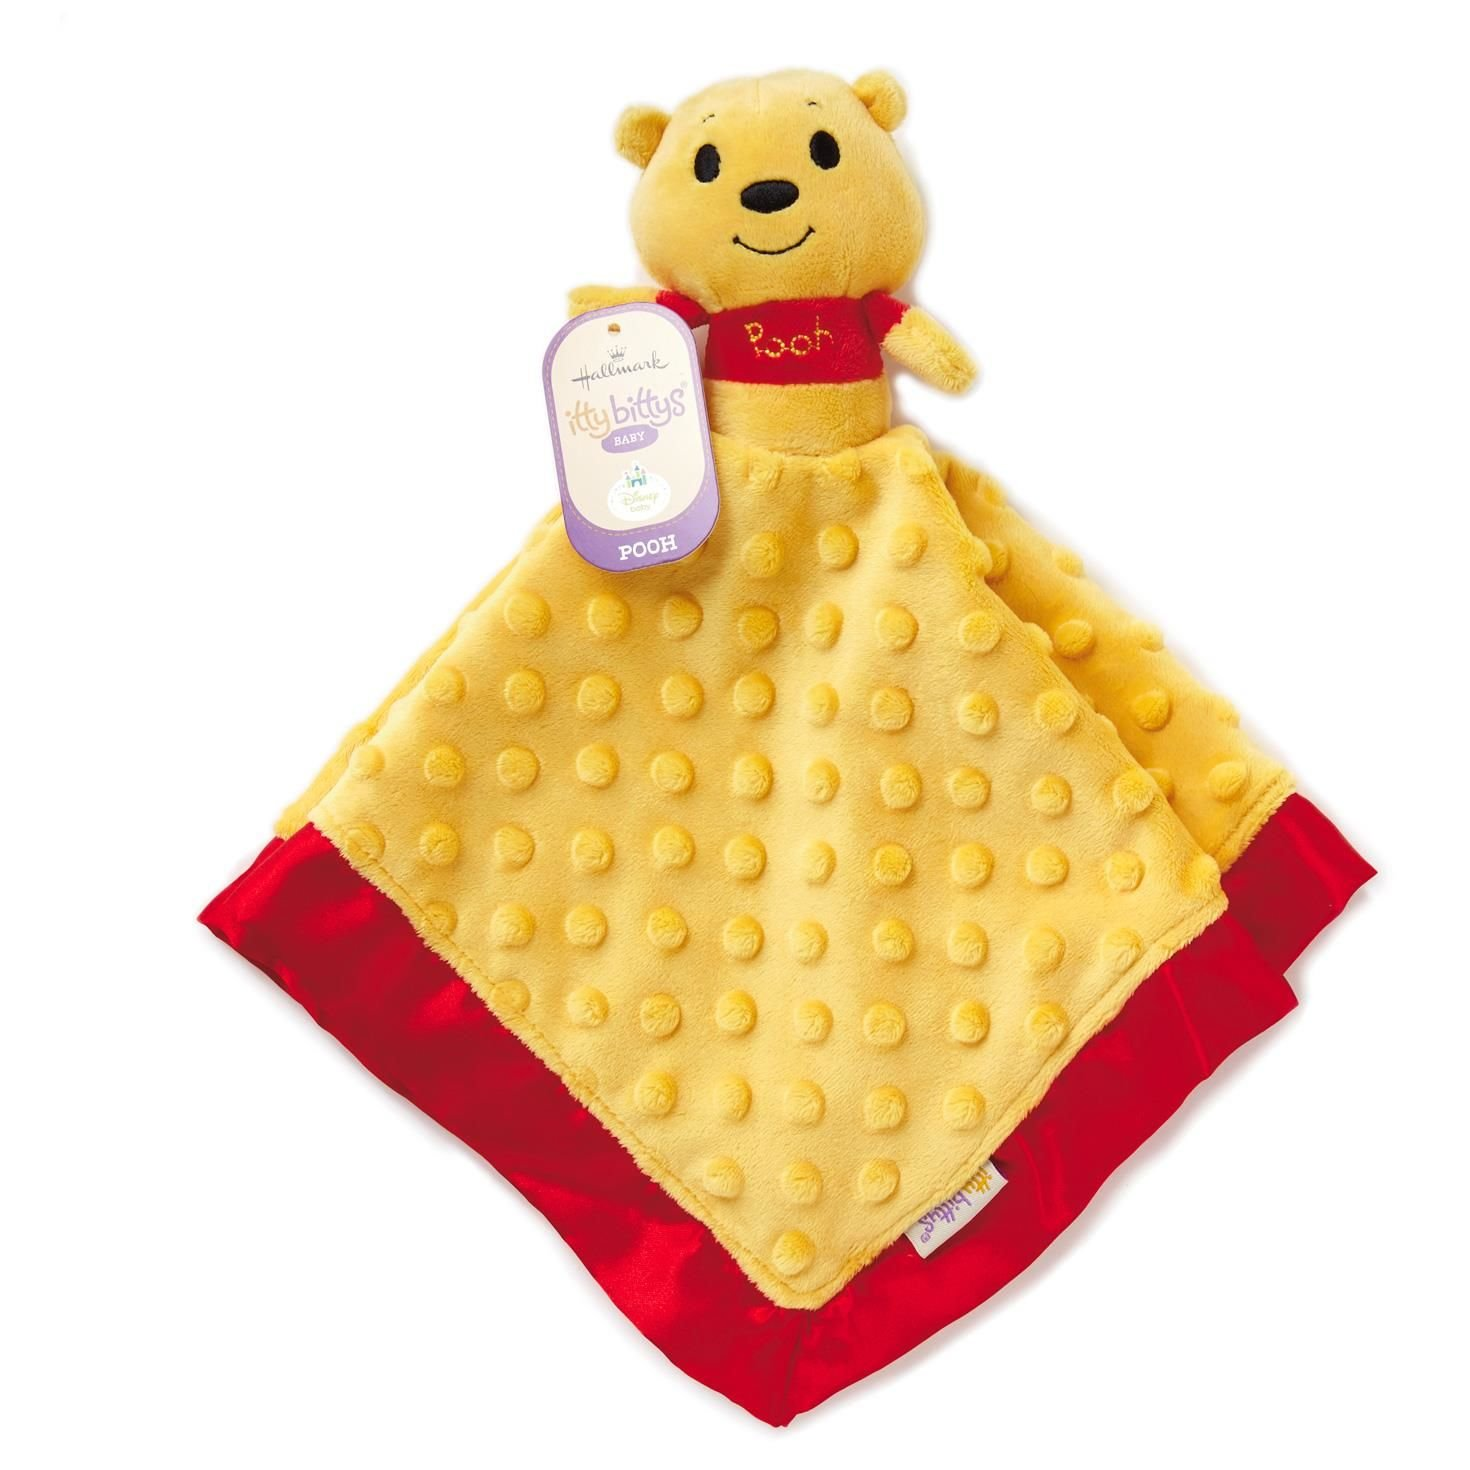 Hallmark Winnie the Pooh Itty Bitty Baby Lovey Blanket by Hallmark